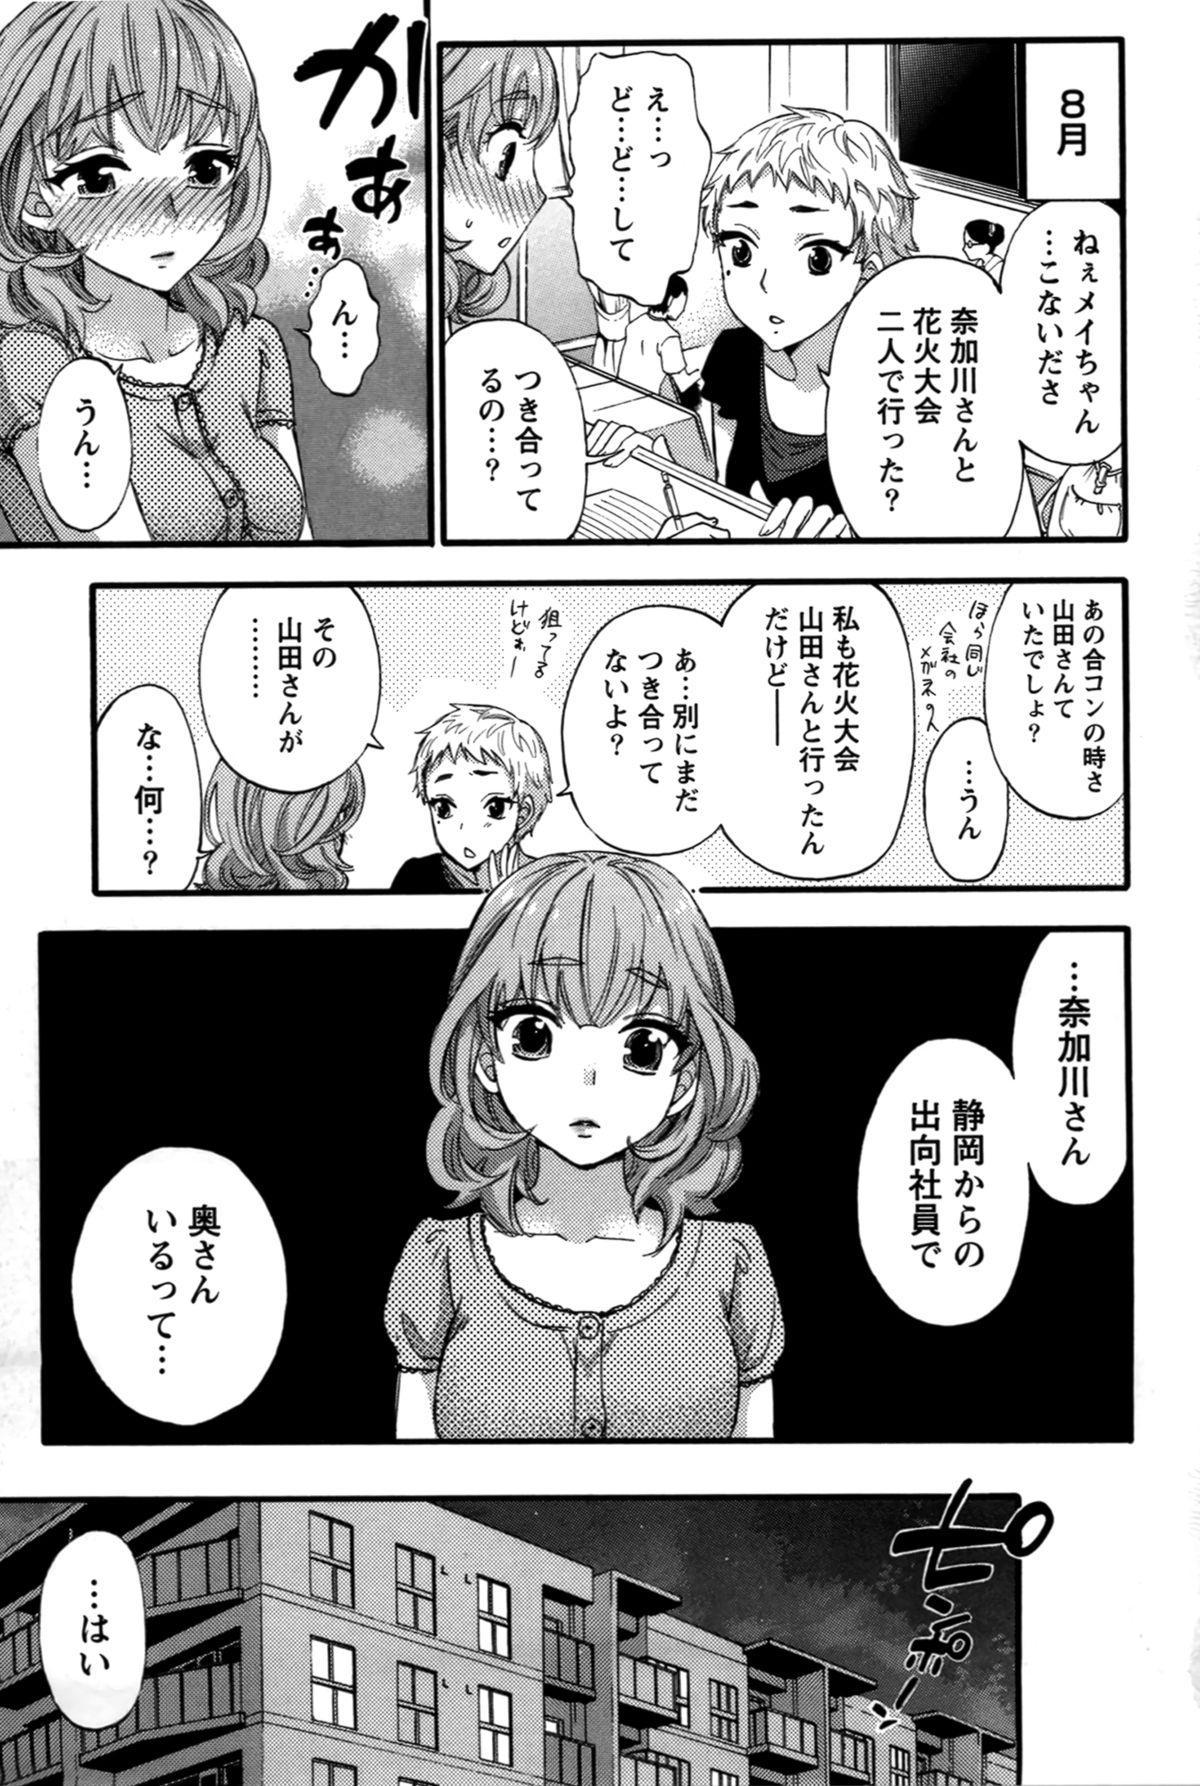 Anata to Watashi wa Warukunai 77